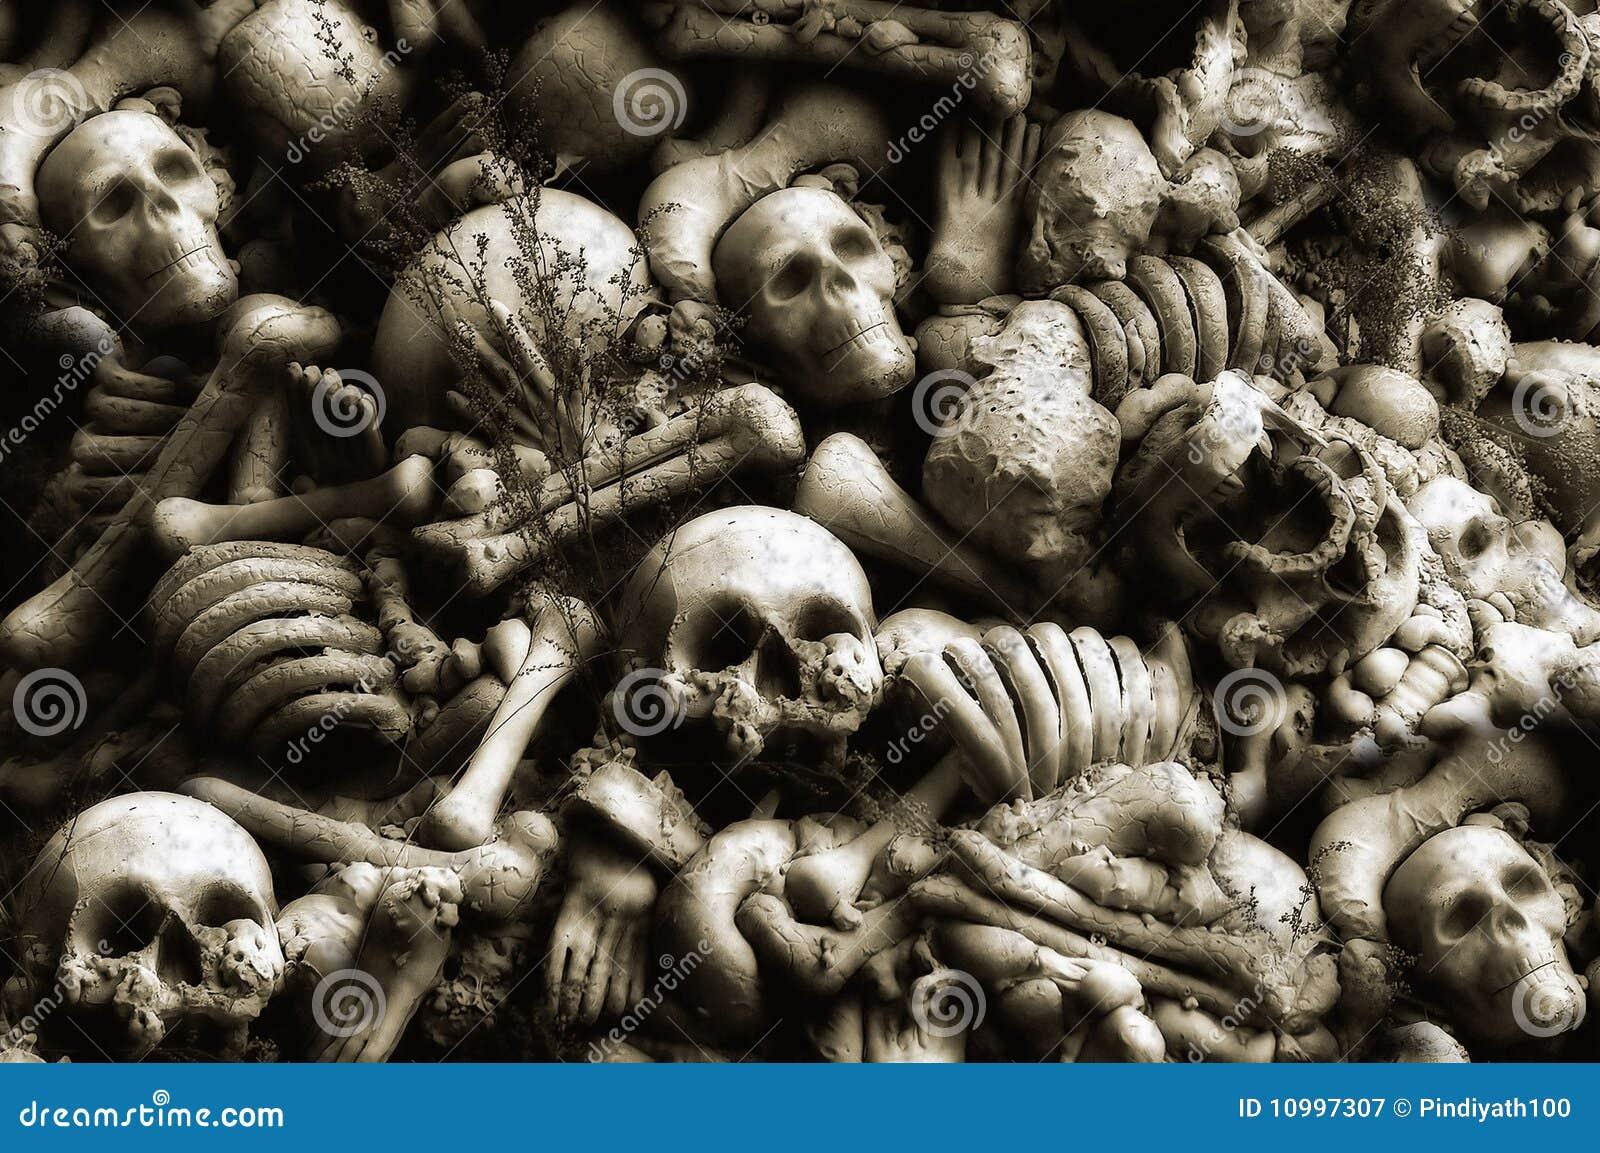 Popular Wallpaper Halloween Skull - halloween-wallpaper-10997307  You Should Have_481215.jpg